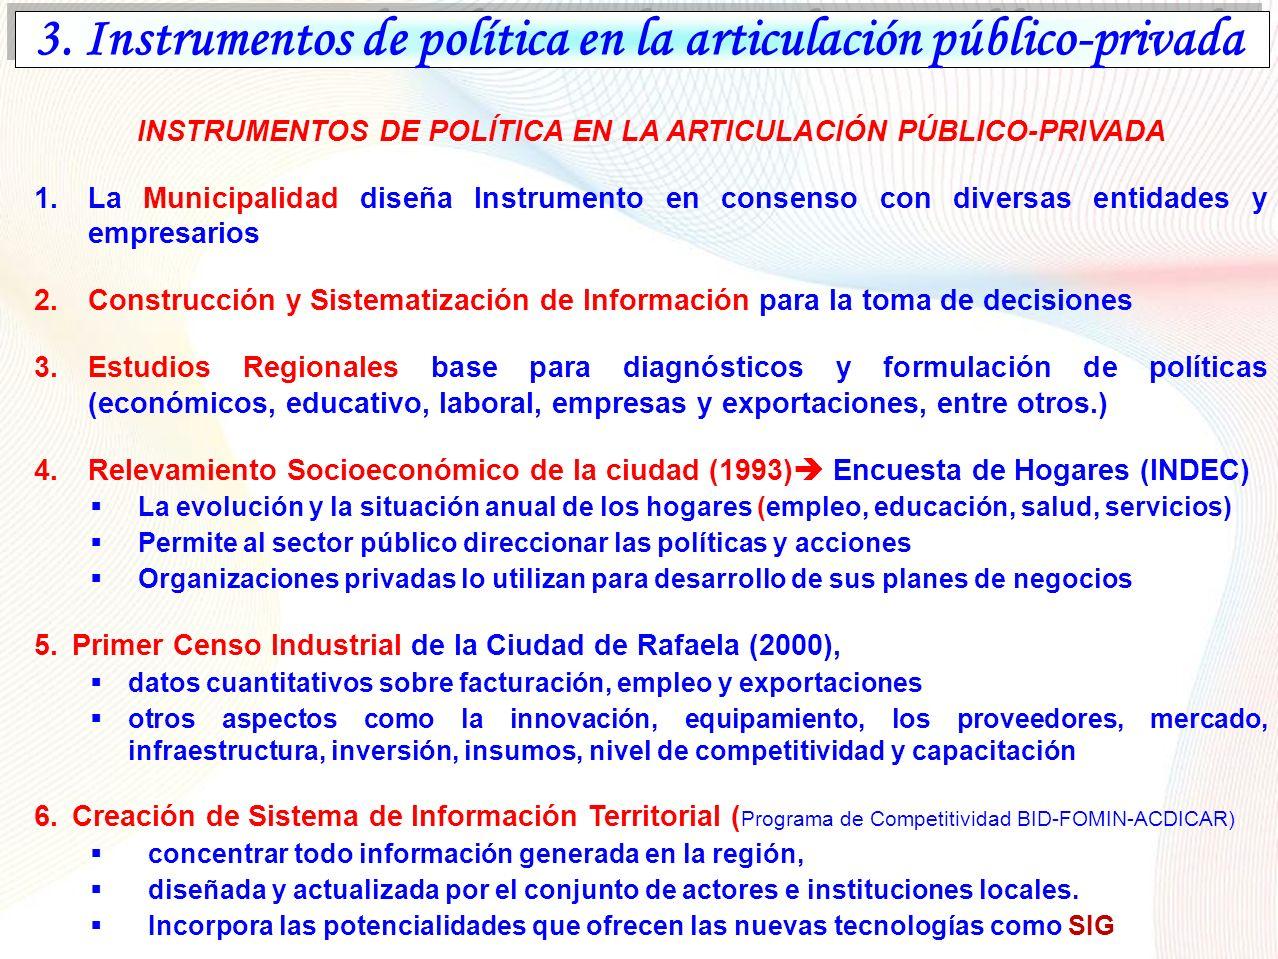 3. Instrumentos de política en la articulación público-privada